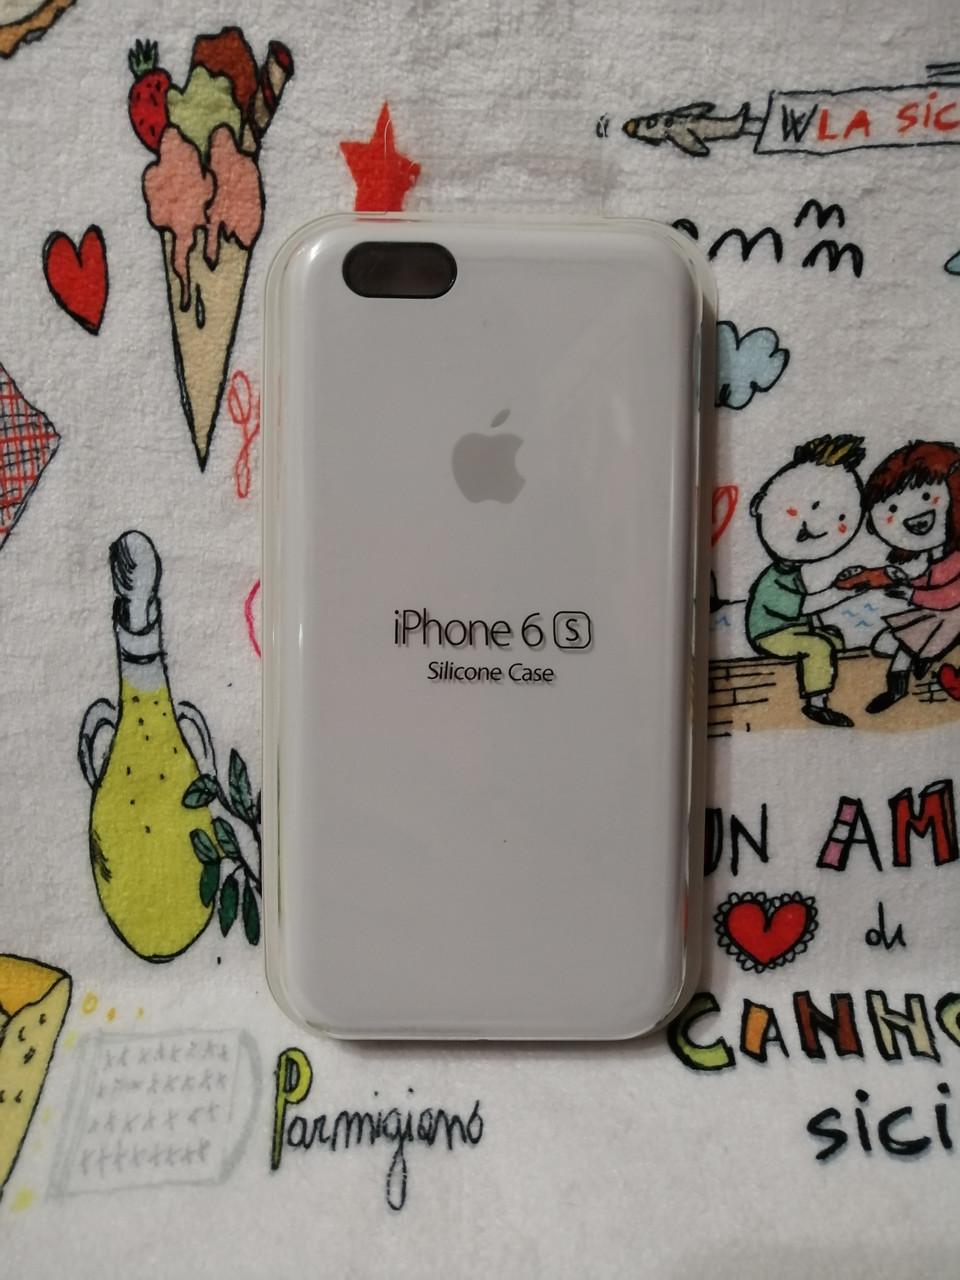 Силиконовый чехол для Айфон  6 / 6S  Silicon Case Iphone 6 / 6S в защищенном боксе - Color 1